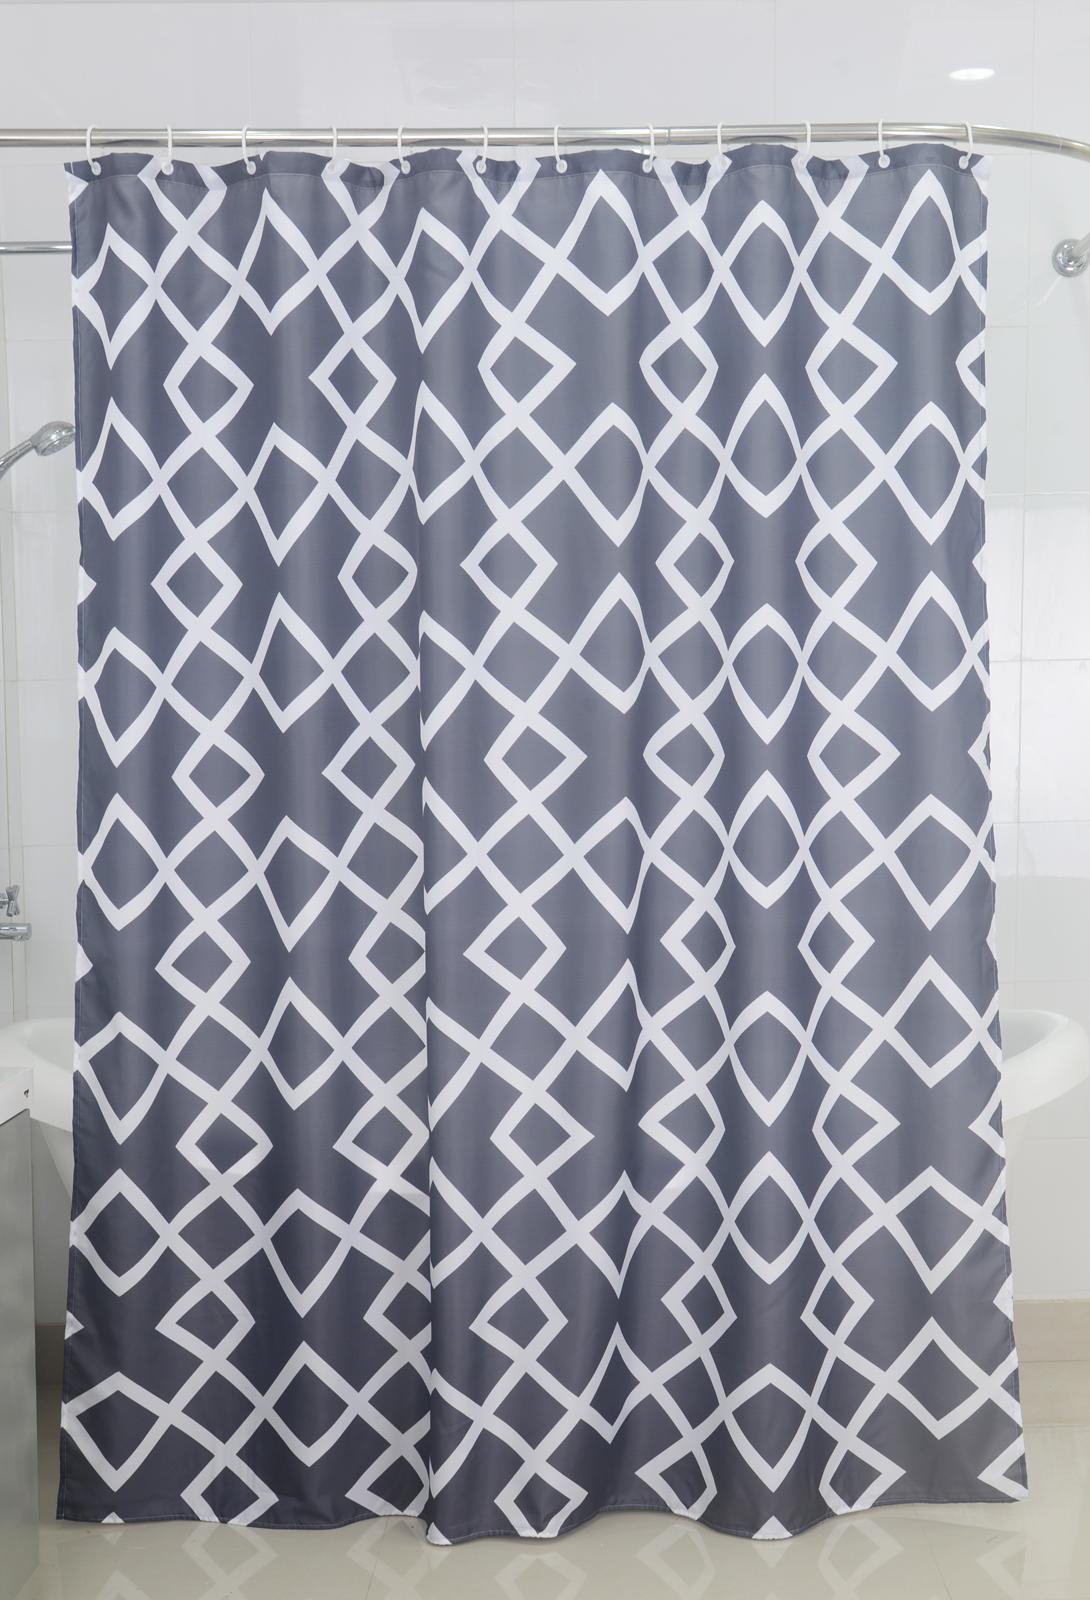 Badtextilien - Textil Duschvorhang Badewannenvorhang Vorhang 180x200 incl. 12 Ringe 568070 Zick Zack  - Onlineshop PremiumShop321